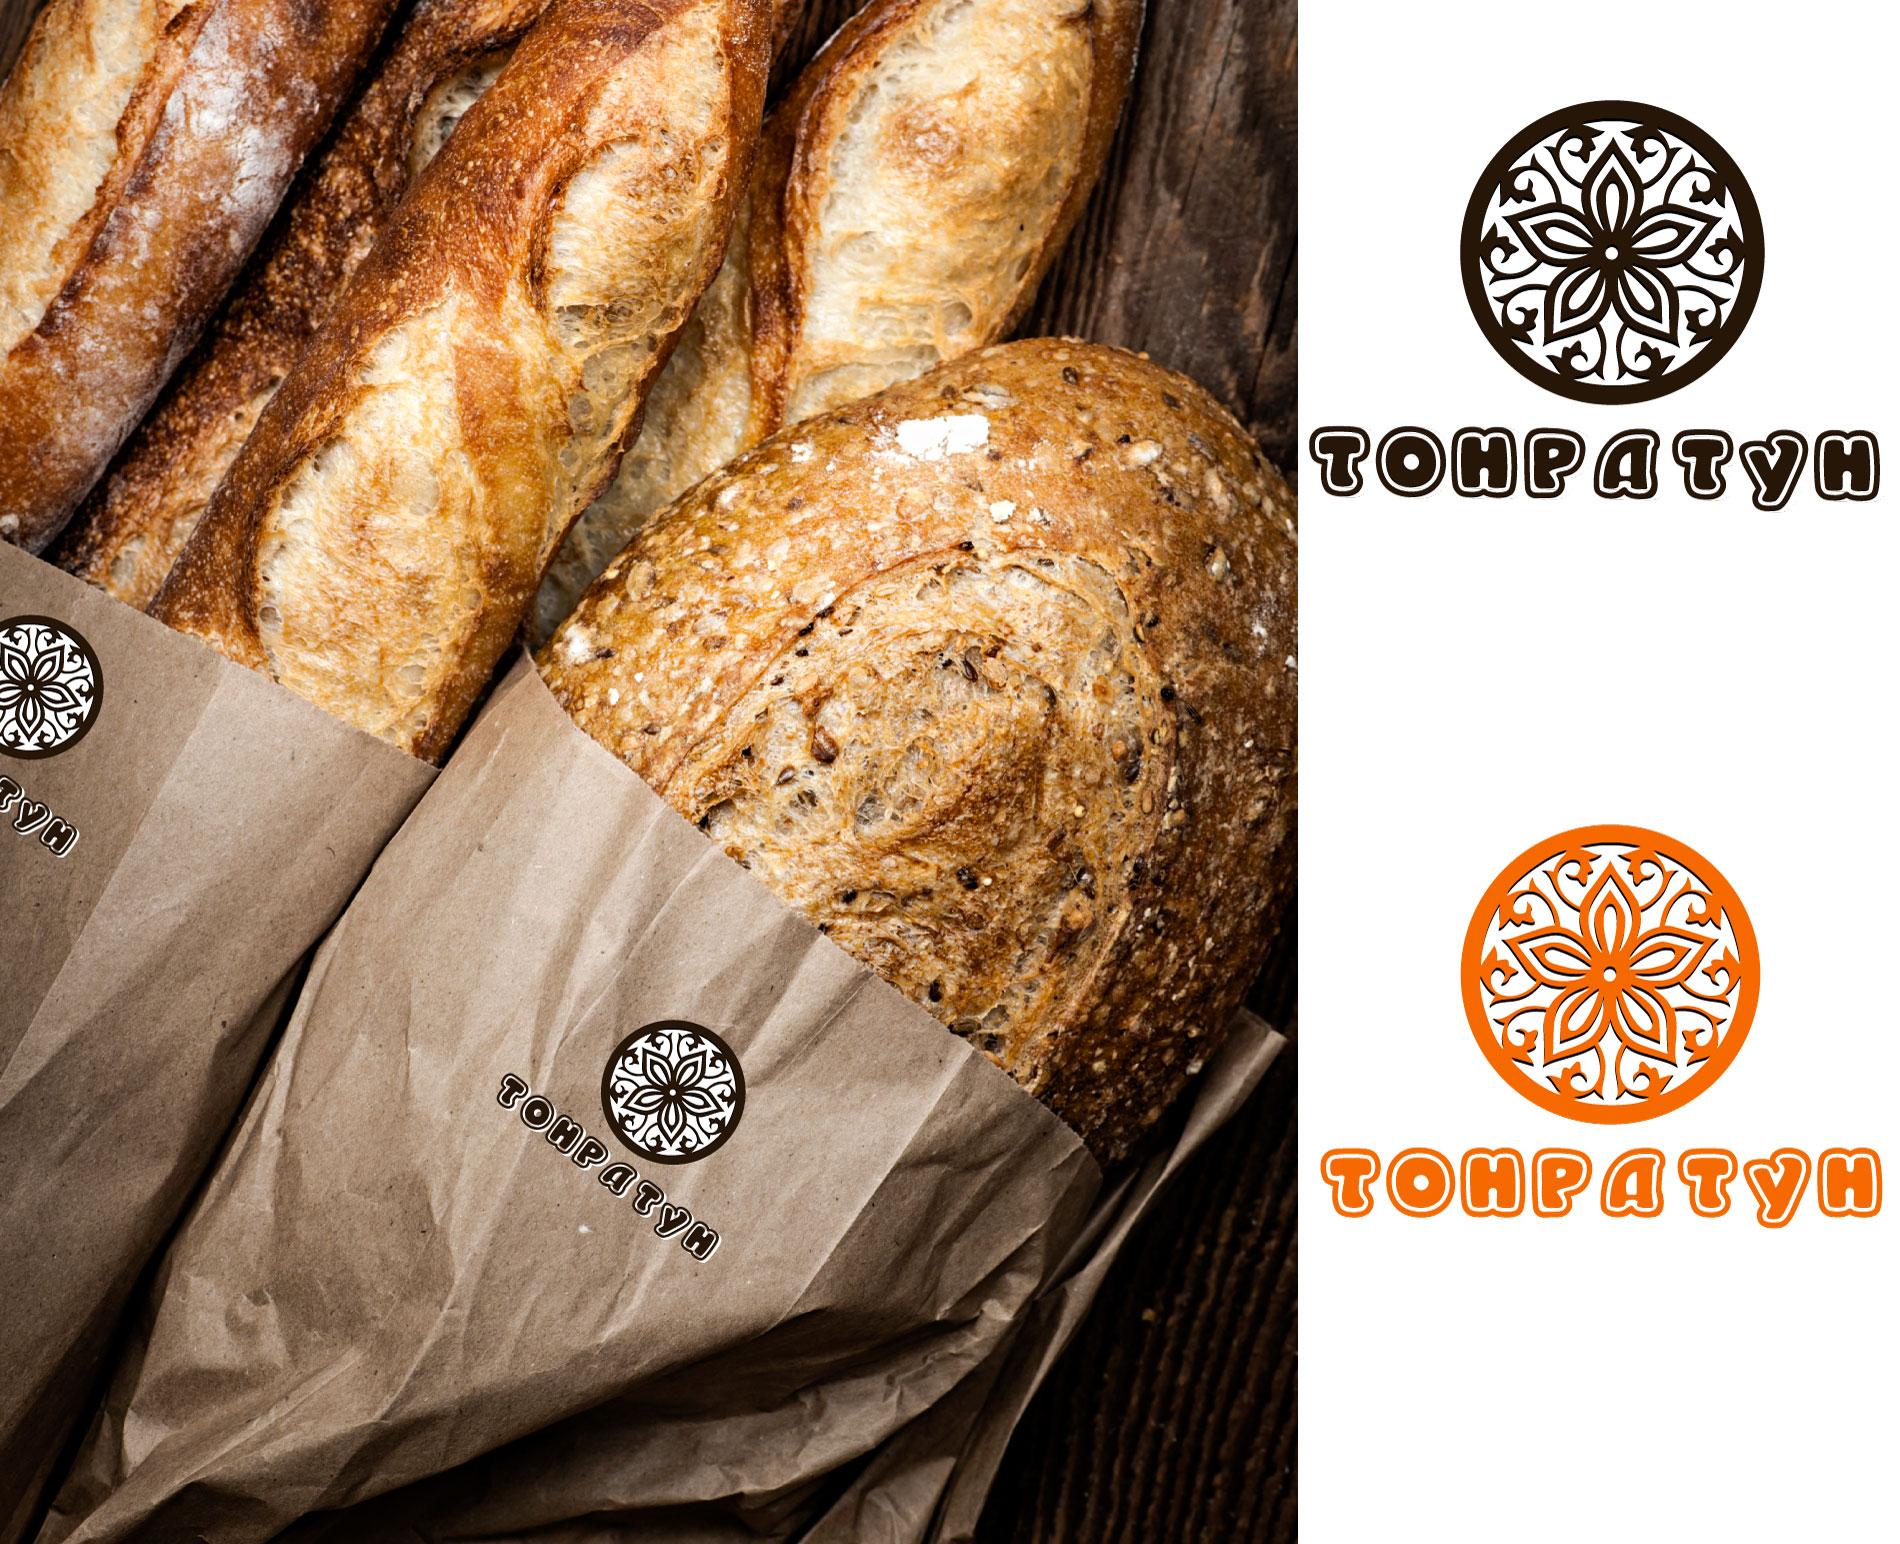 Логотип для Пекарни-Тандырной  фото f_1595d8f8796adc72.jpg